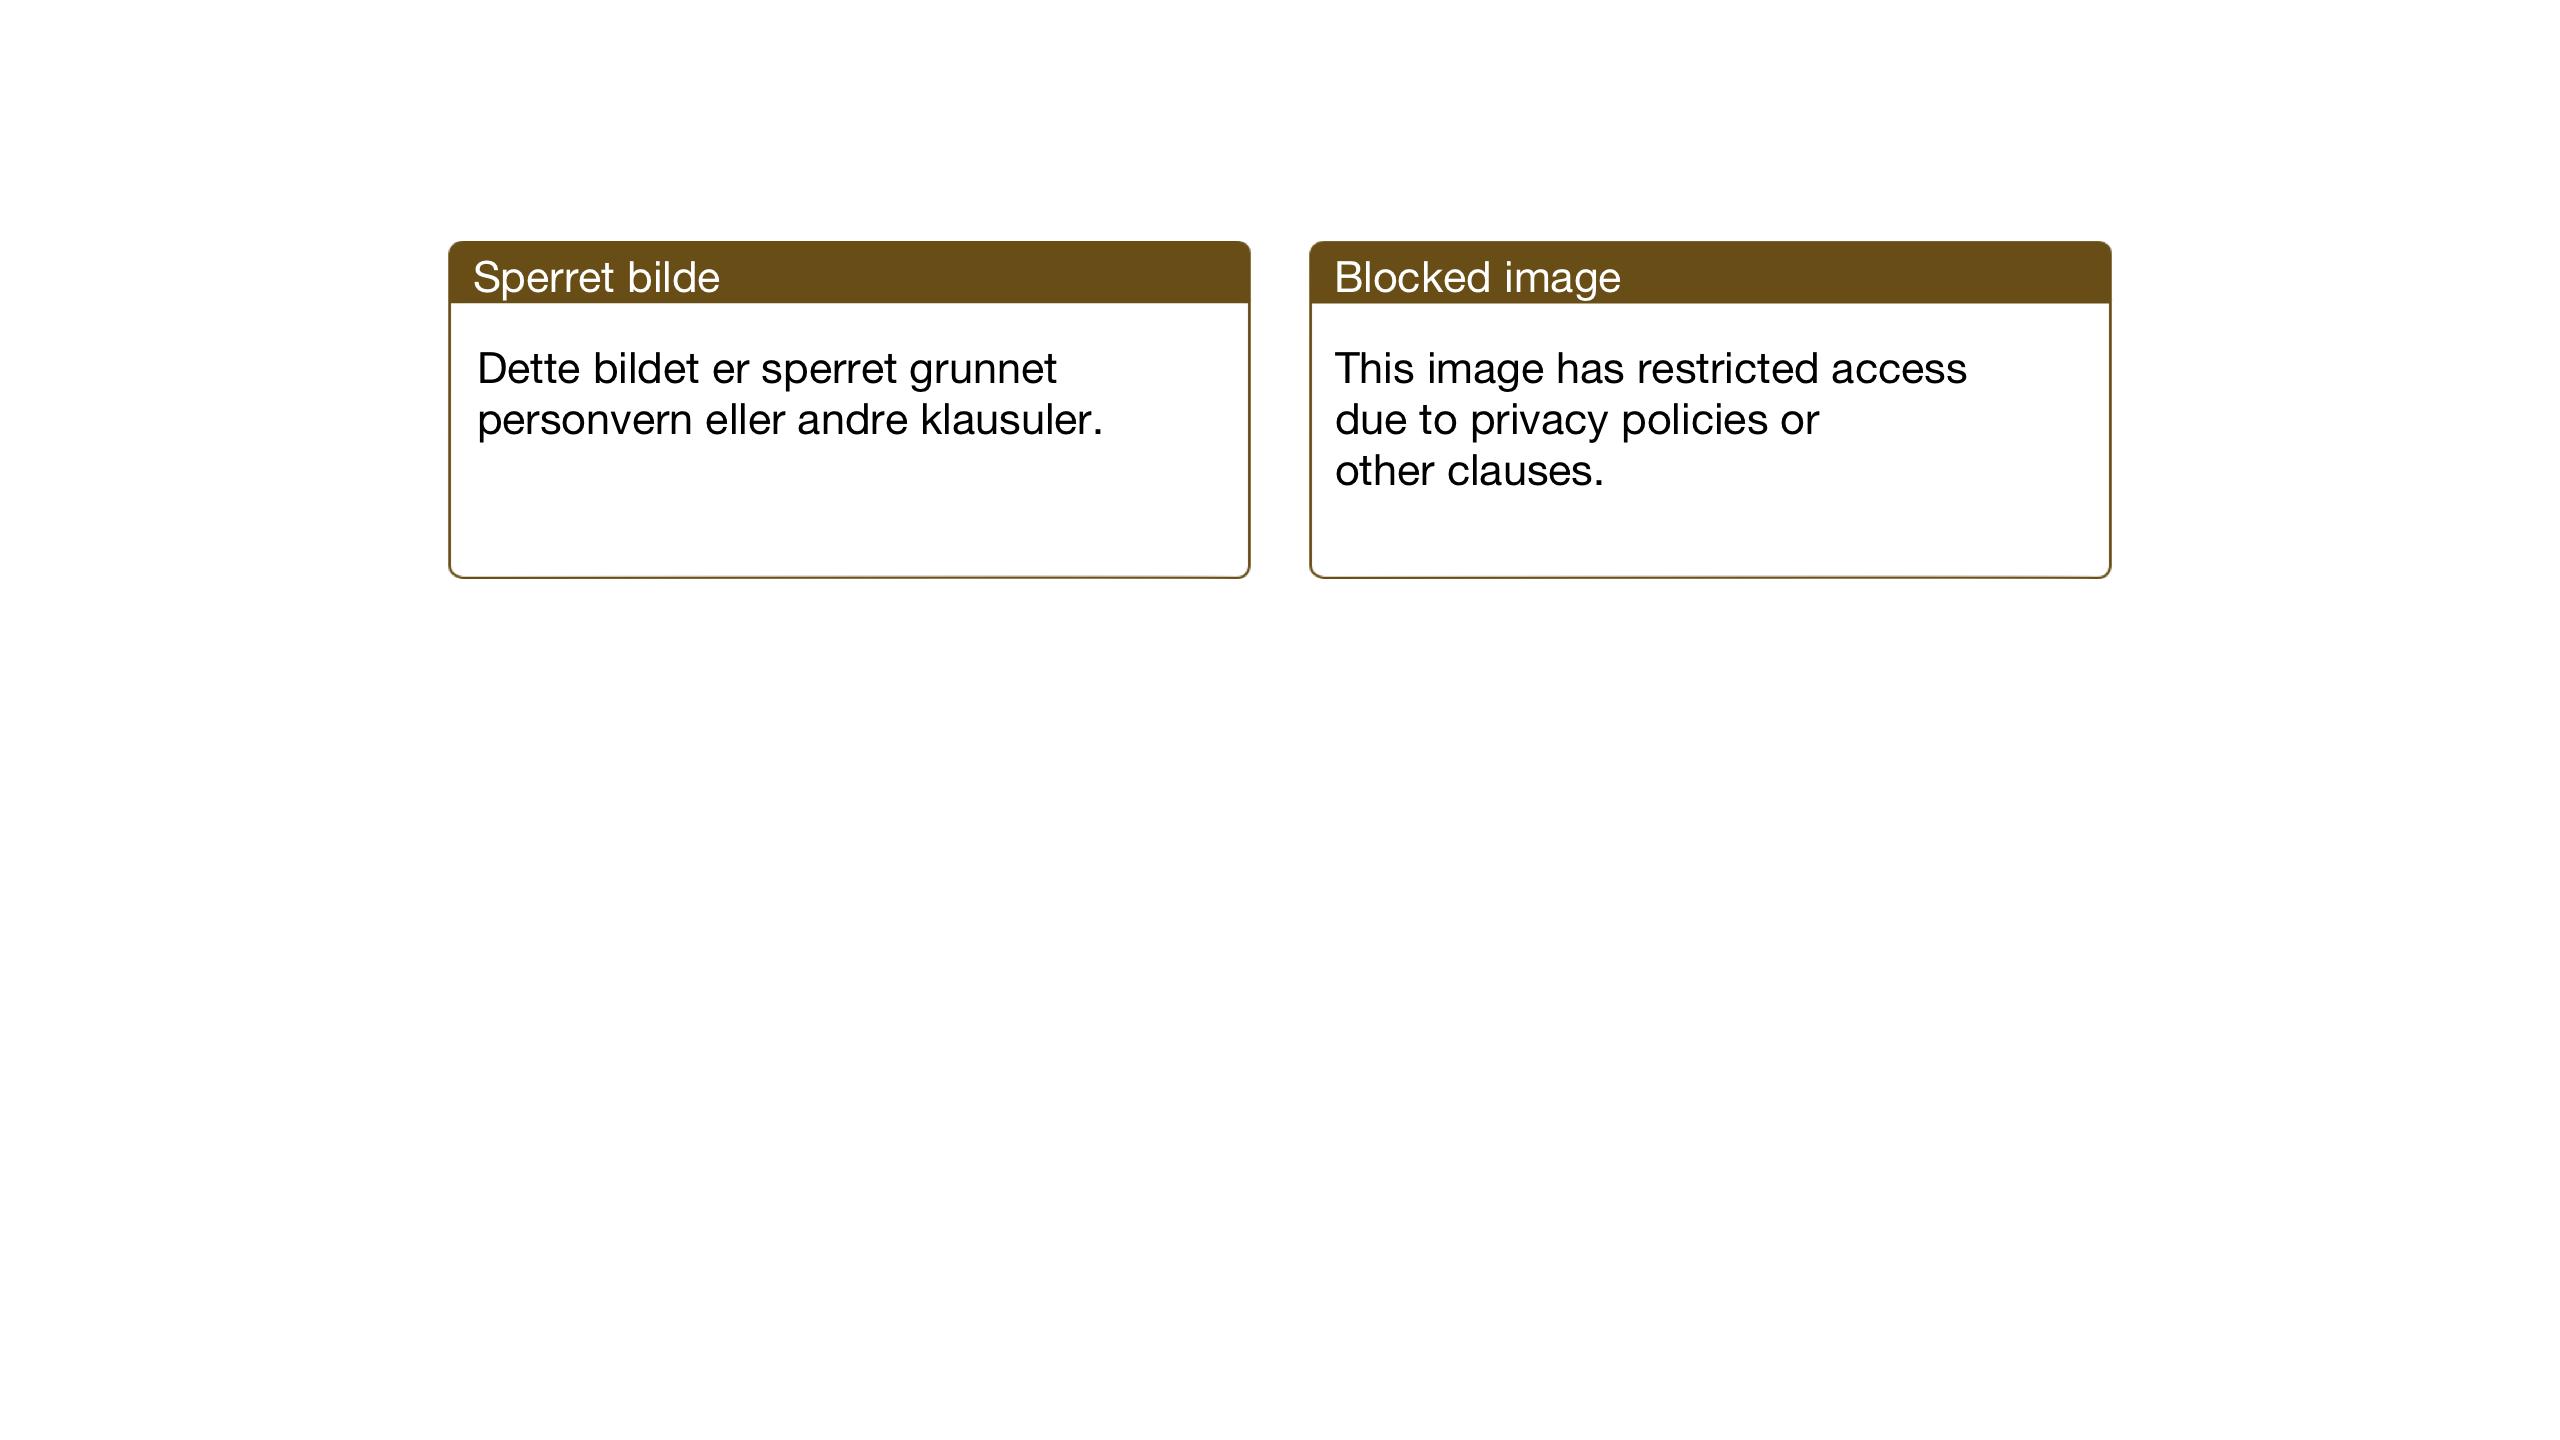 SAT, Ministerialprotokoller, klokkerbøker og fødselsregistre - Nord-Trøndelag, 733/L0328: Klokkerbok nr. 733C03, 1919-1966, s. 31